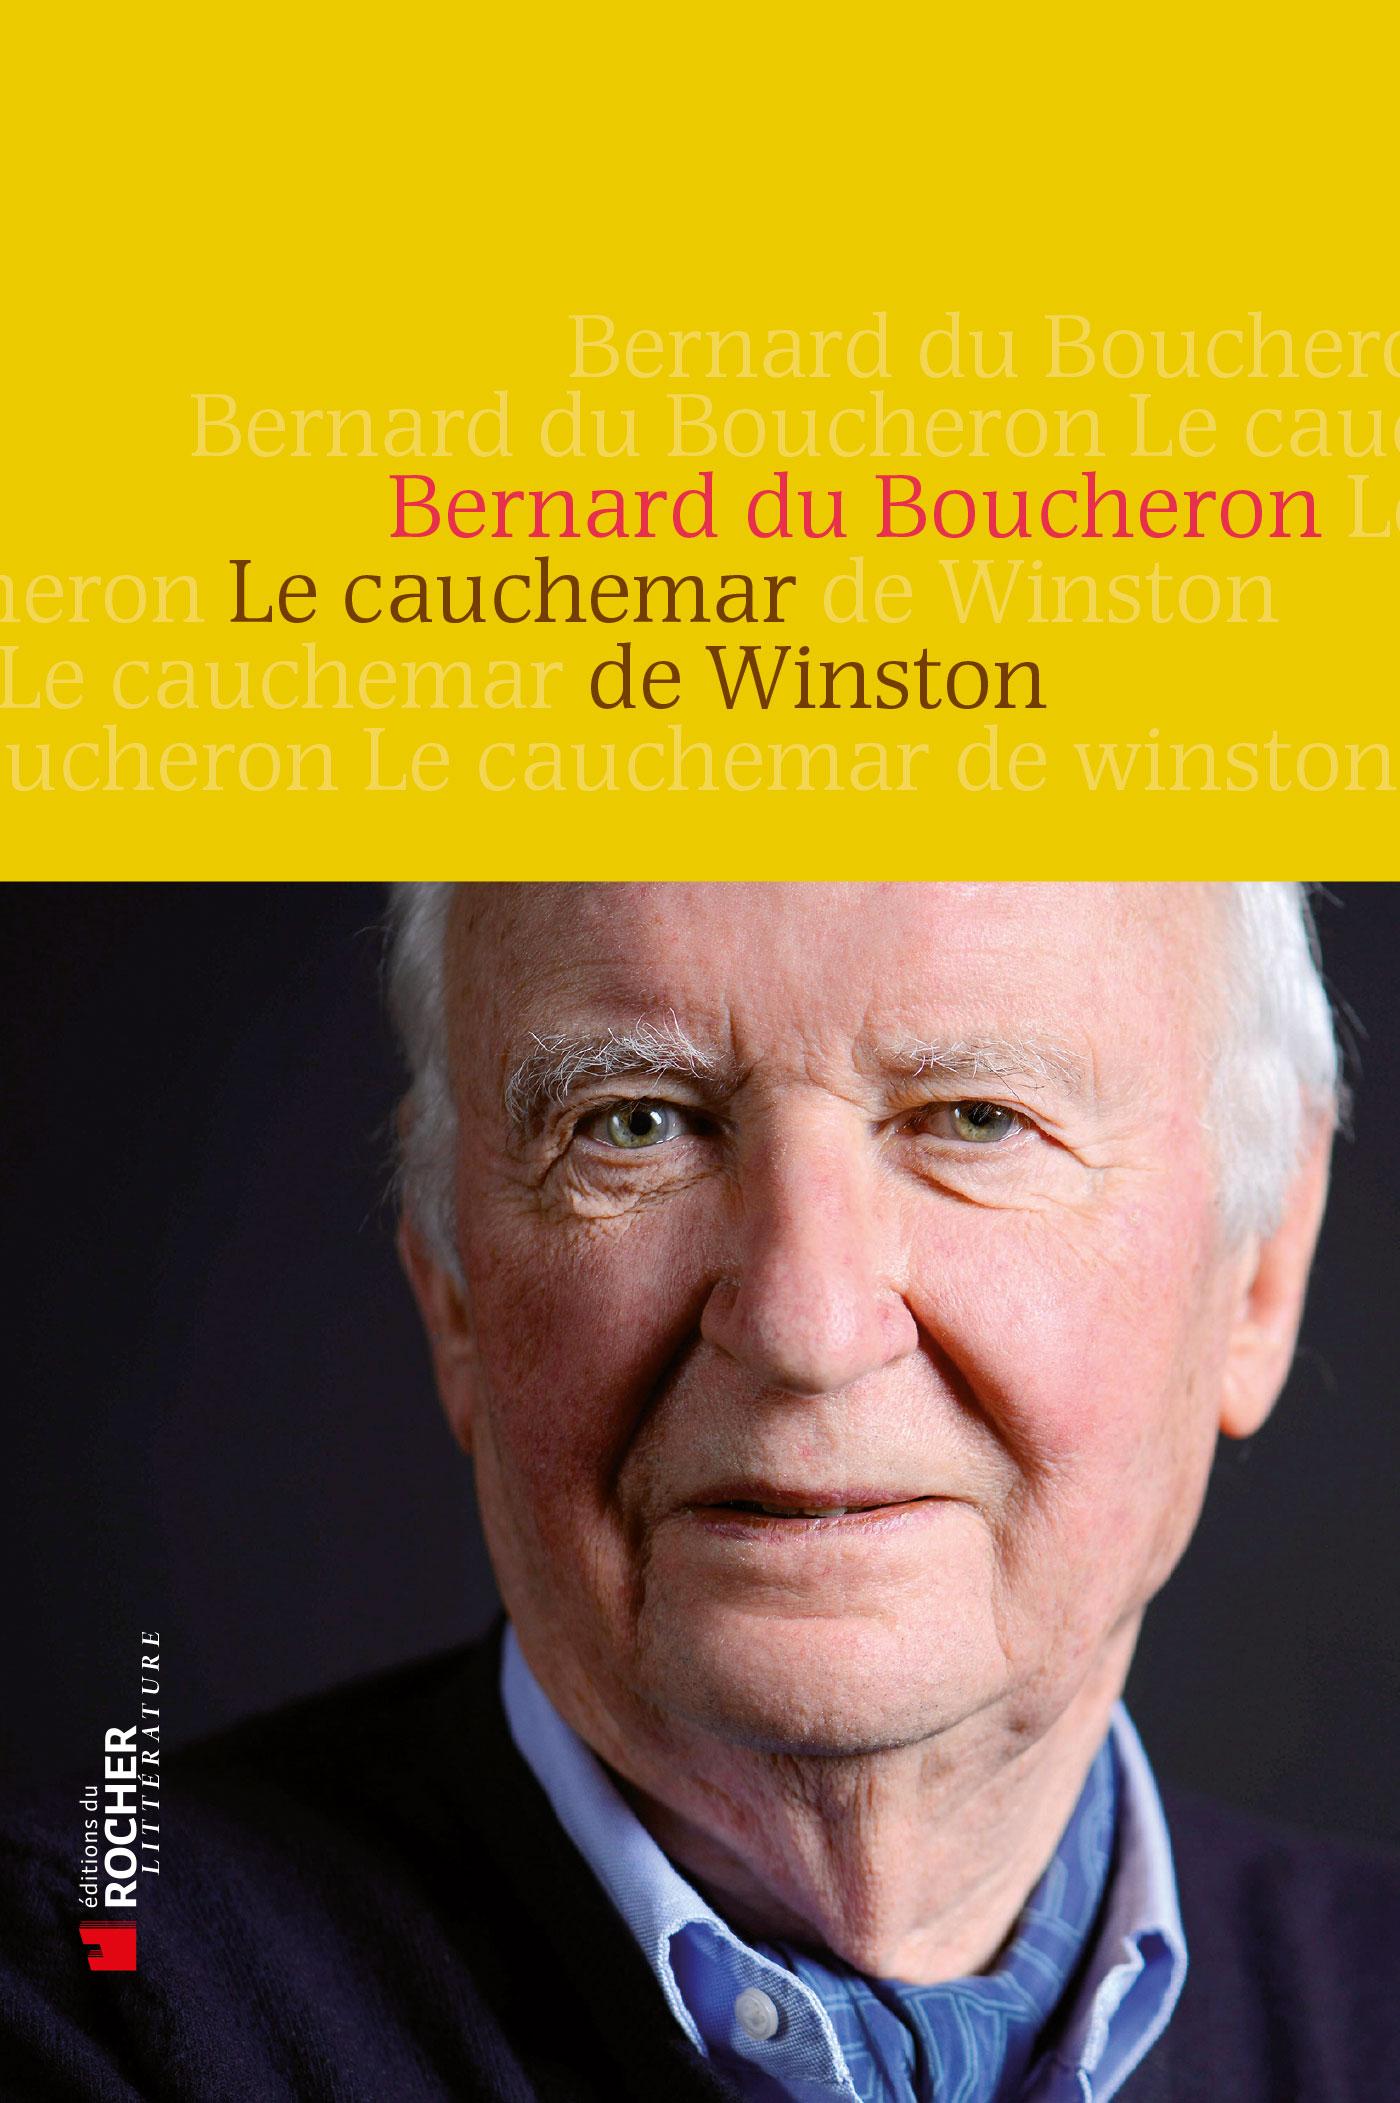 LE CAUCHEMAR DE WINSTON